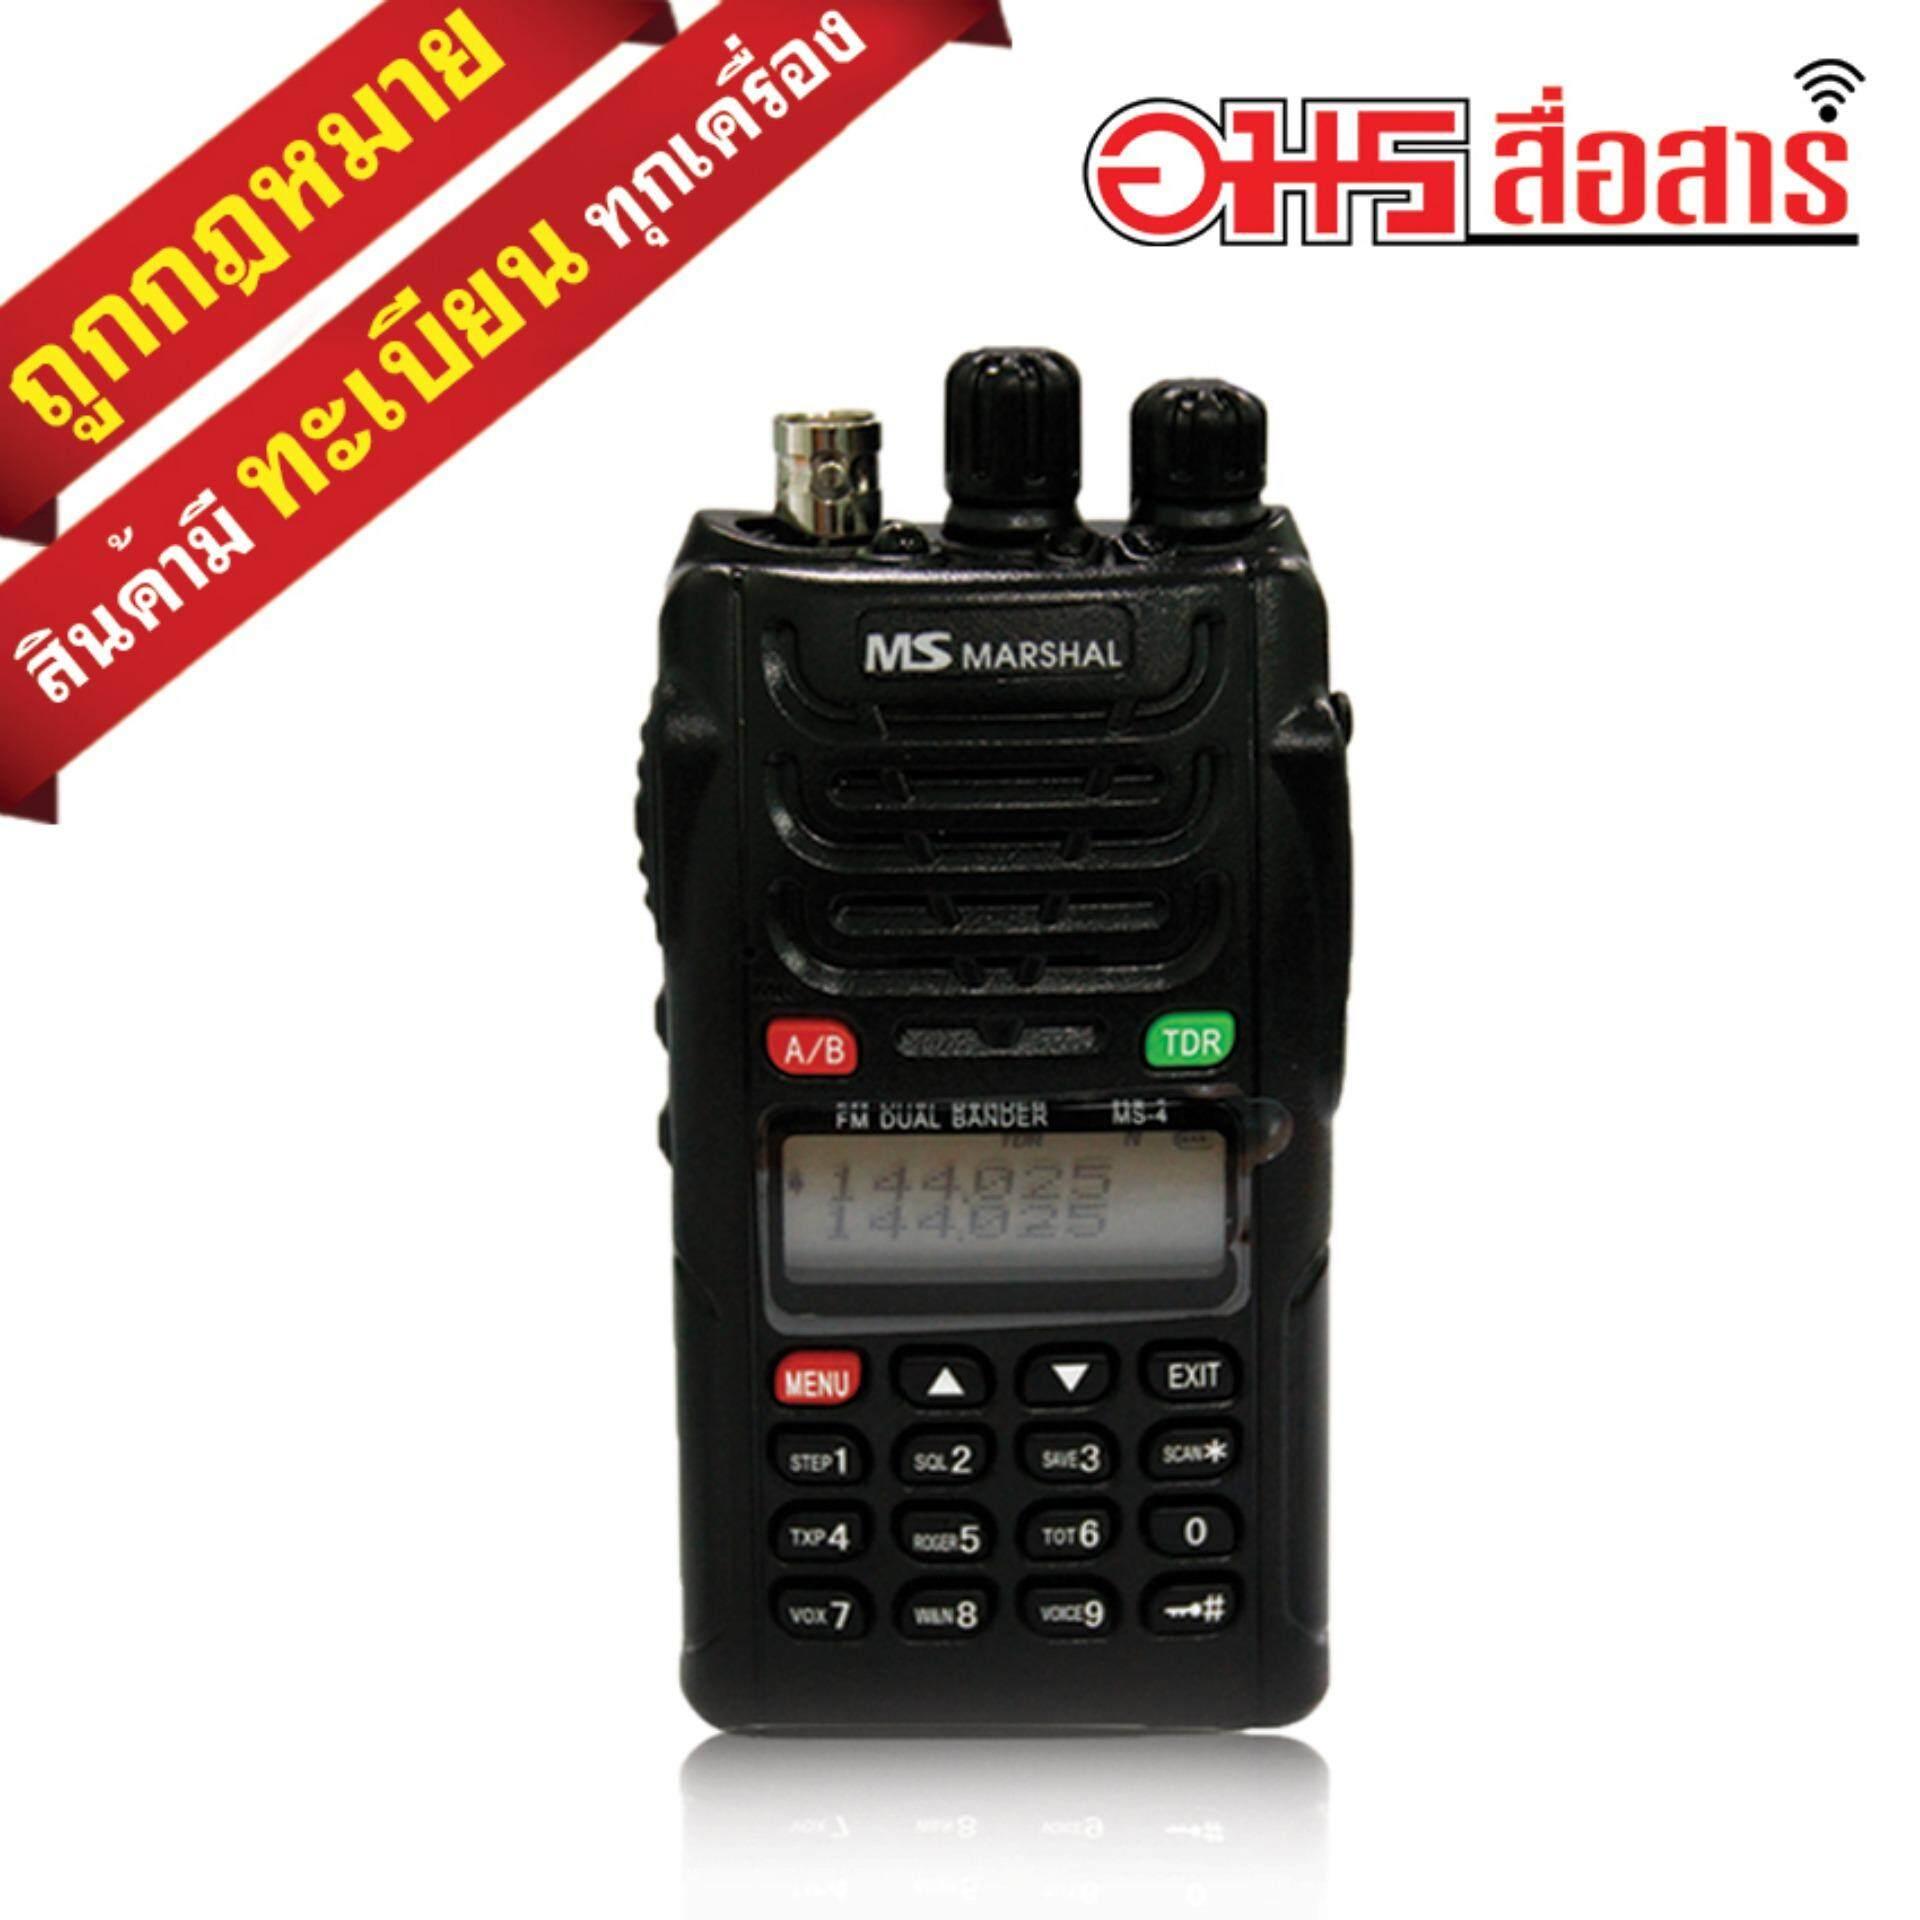 MS MARSHAL วิทยุสื่อสาร 5W รุ่น MS-4 สีดำ WALKIE TALKIE walkie-talkie อมรสื่อสาร